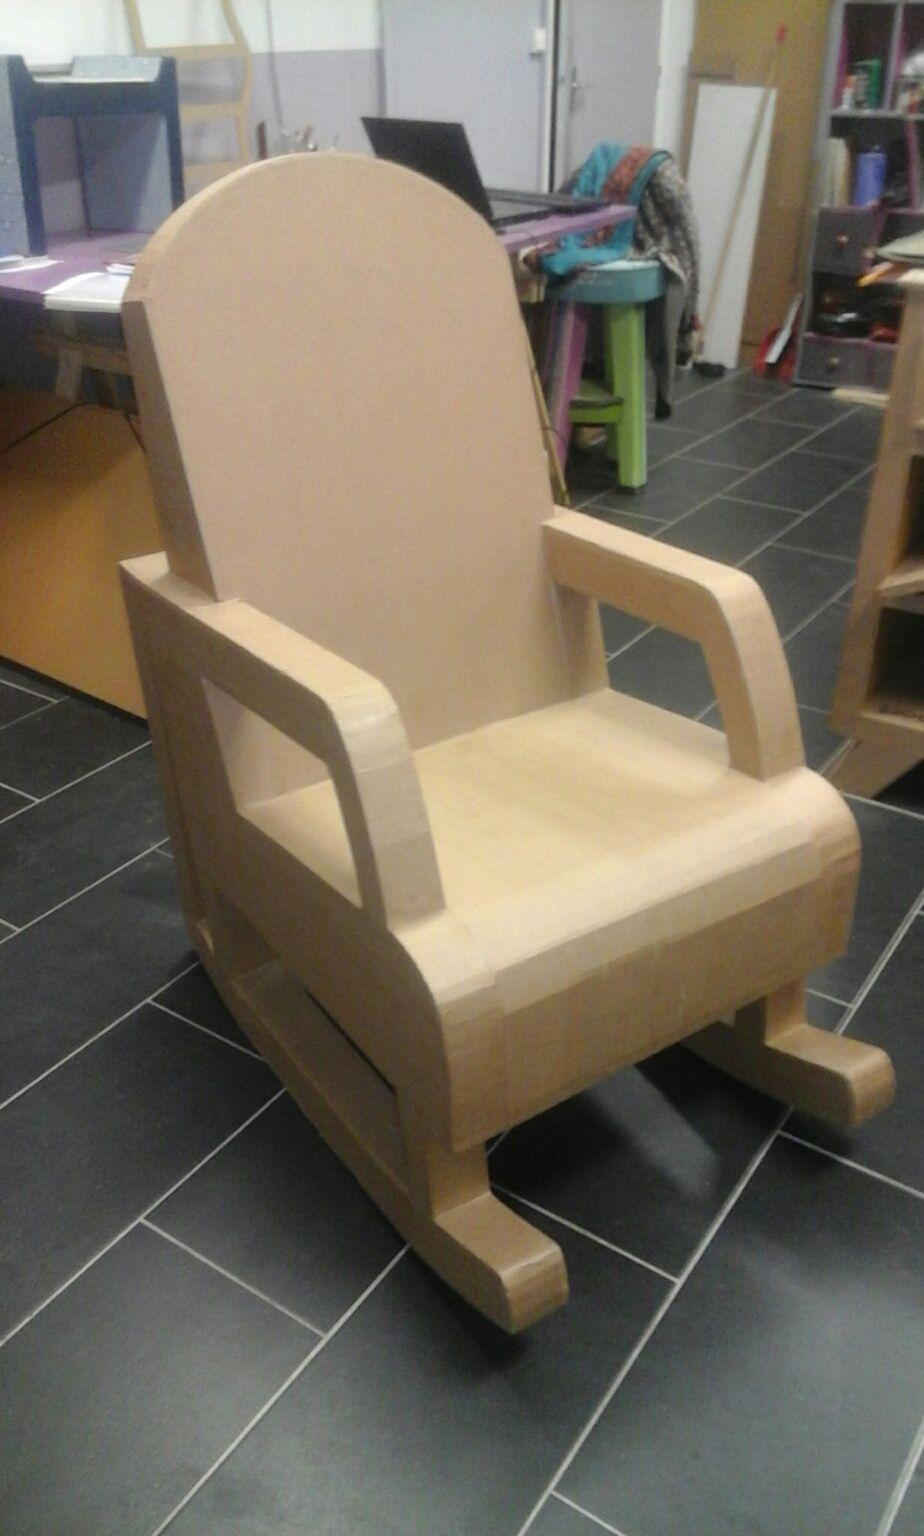 Le Rocking Chair En Carton Fauteuil En Carton Chaise Meubles En Carton